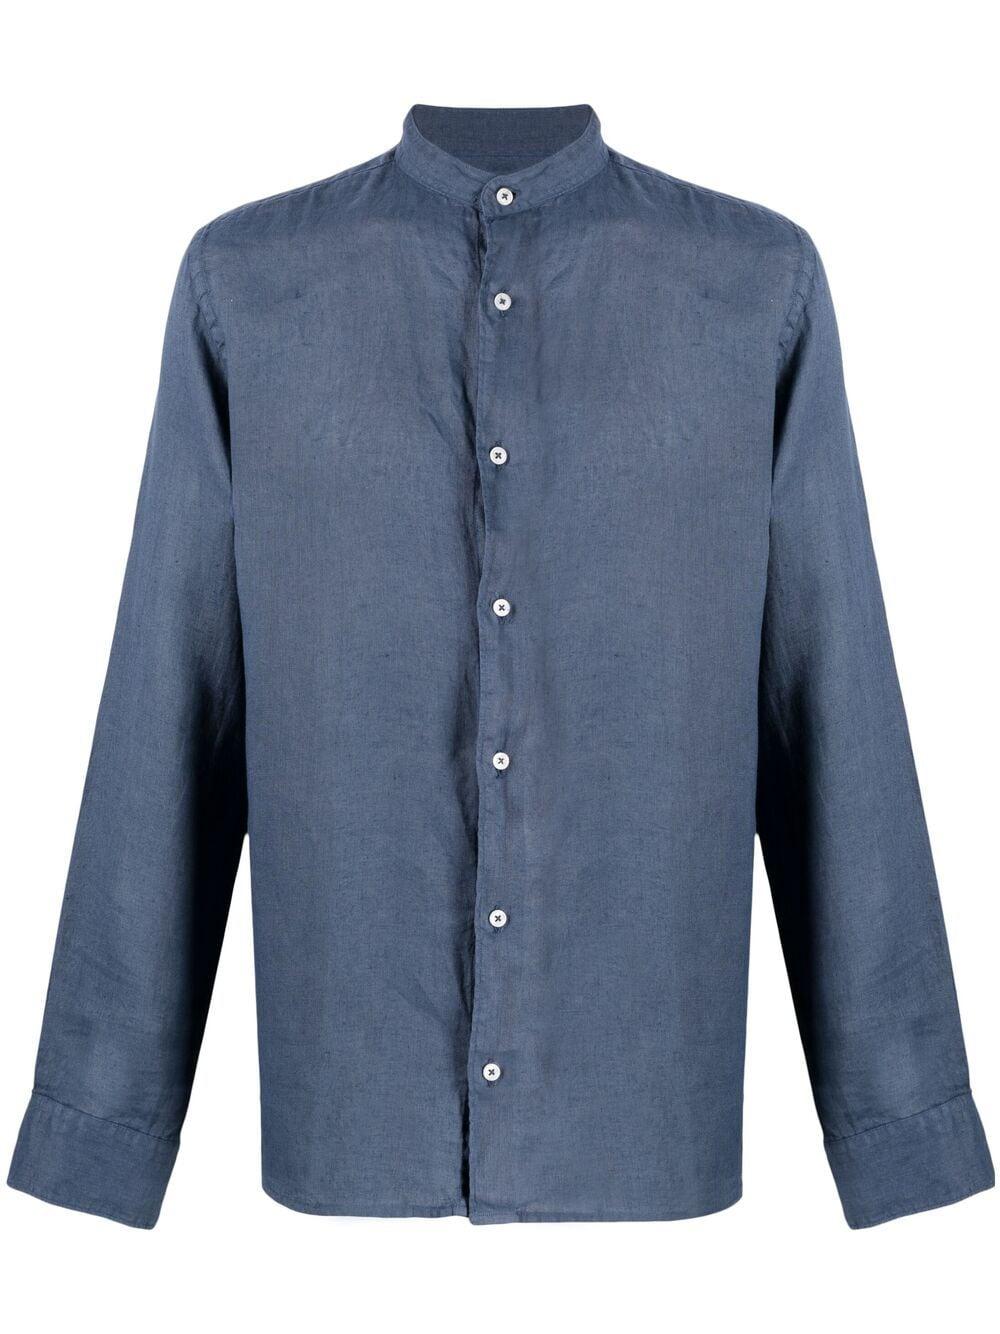 Blue linen shirt featuring front button fastening ALTEA |  | 215400401